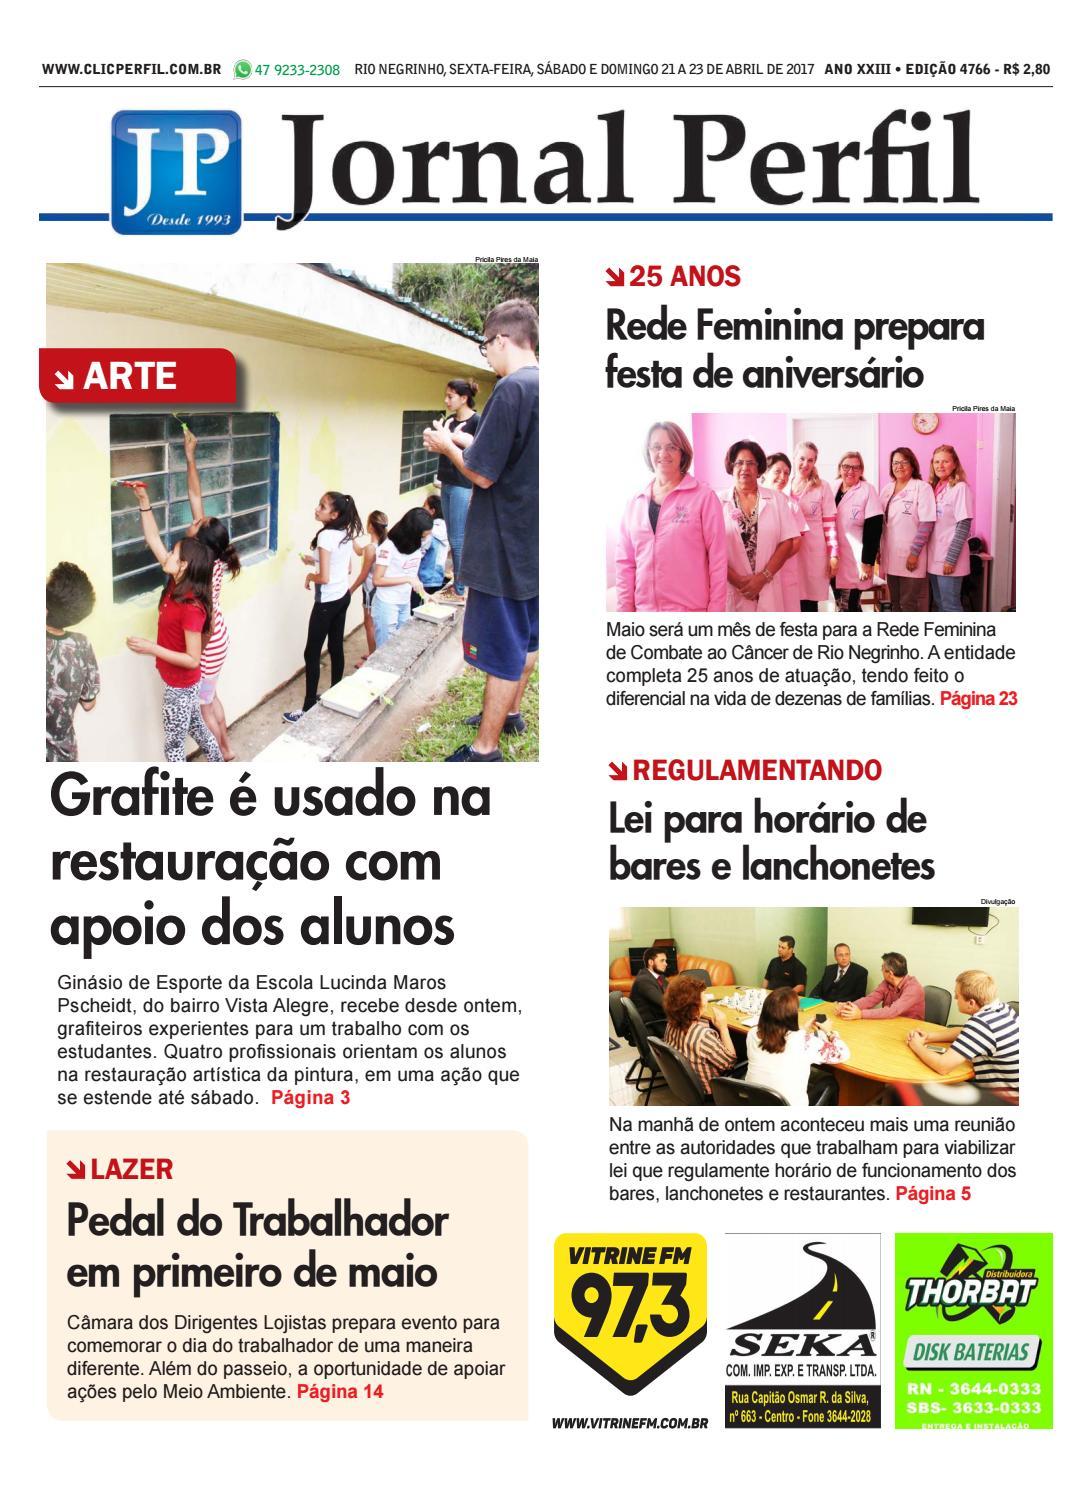 Jornal perfil 21 04 2017 by Jornal Perfil - issuu 1191a43975c